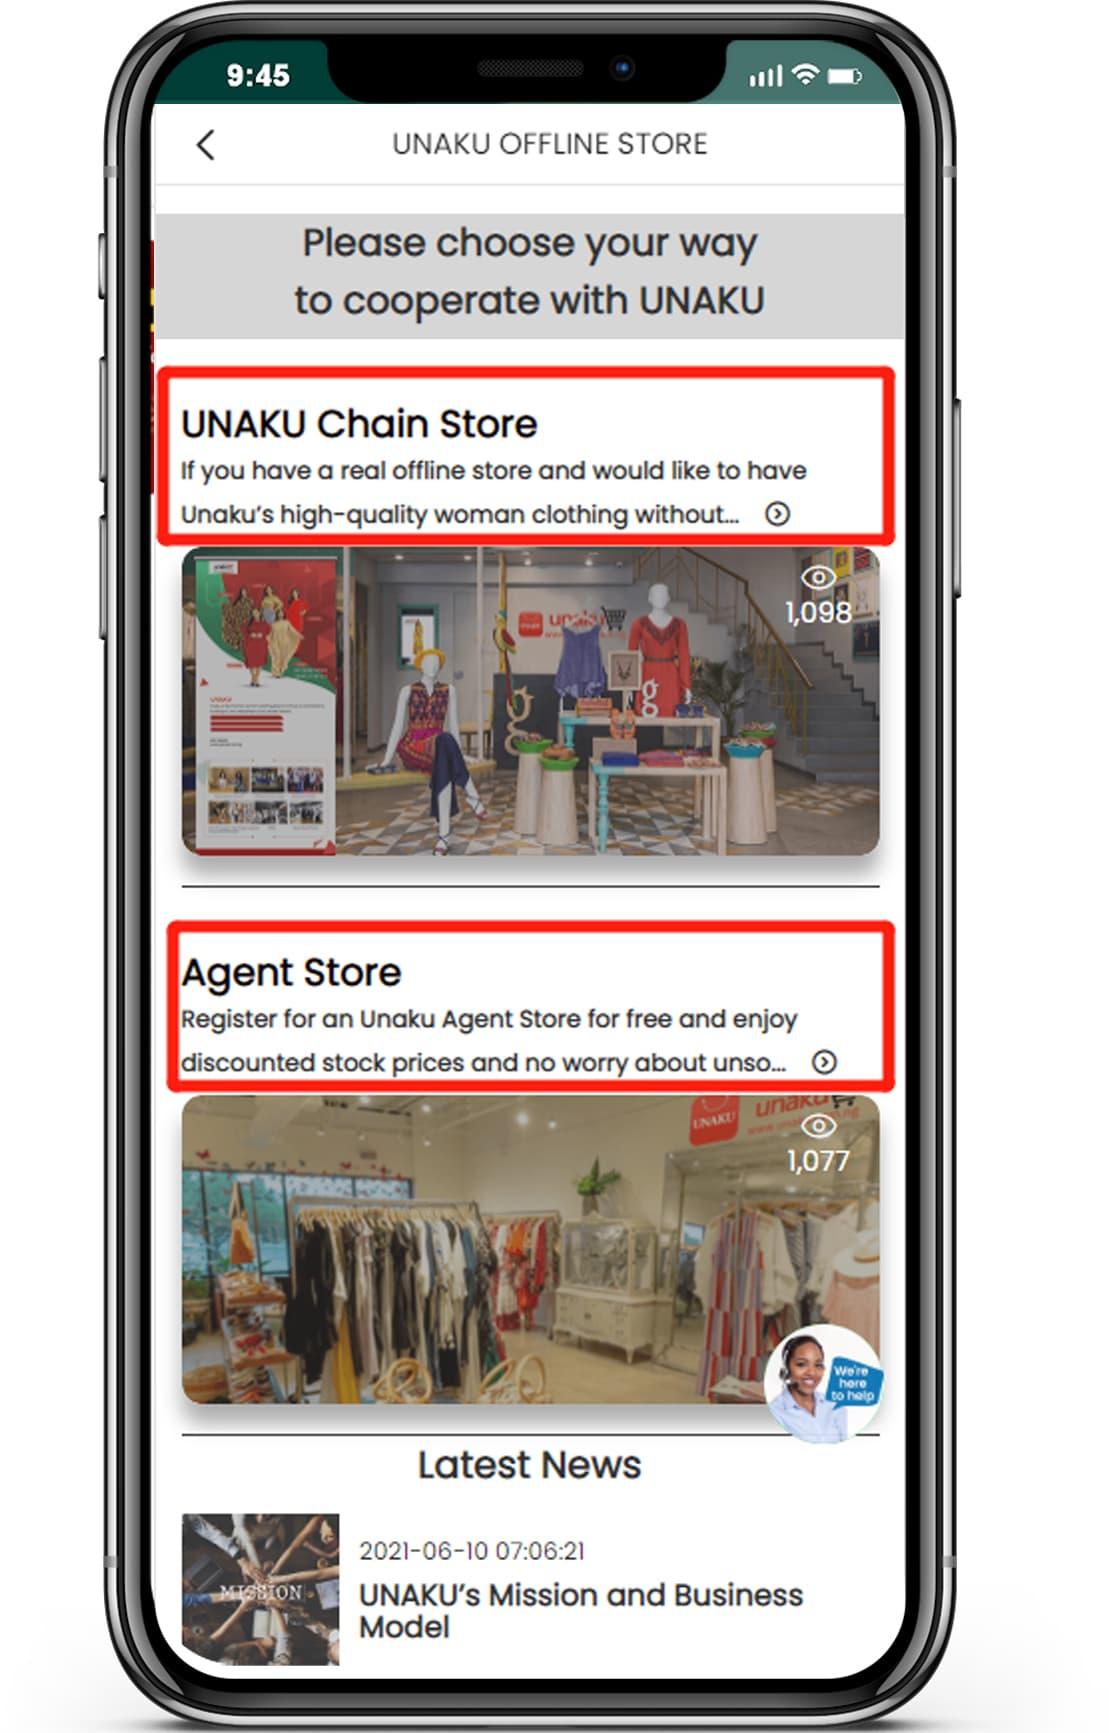 插图4 截屏两种店铺申请的界面(点开offline store后的截屏) (1).jpg